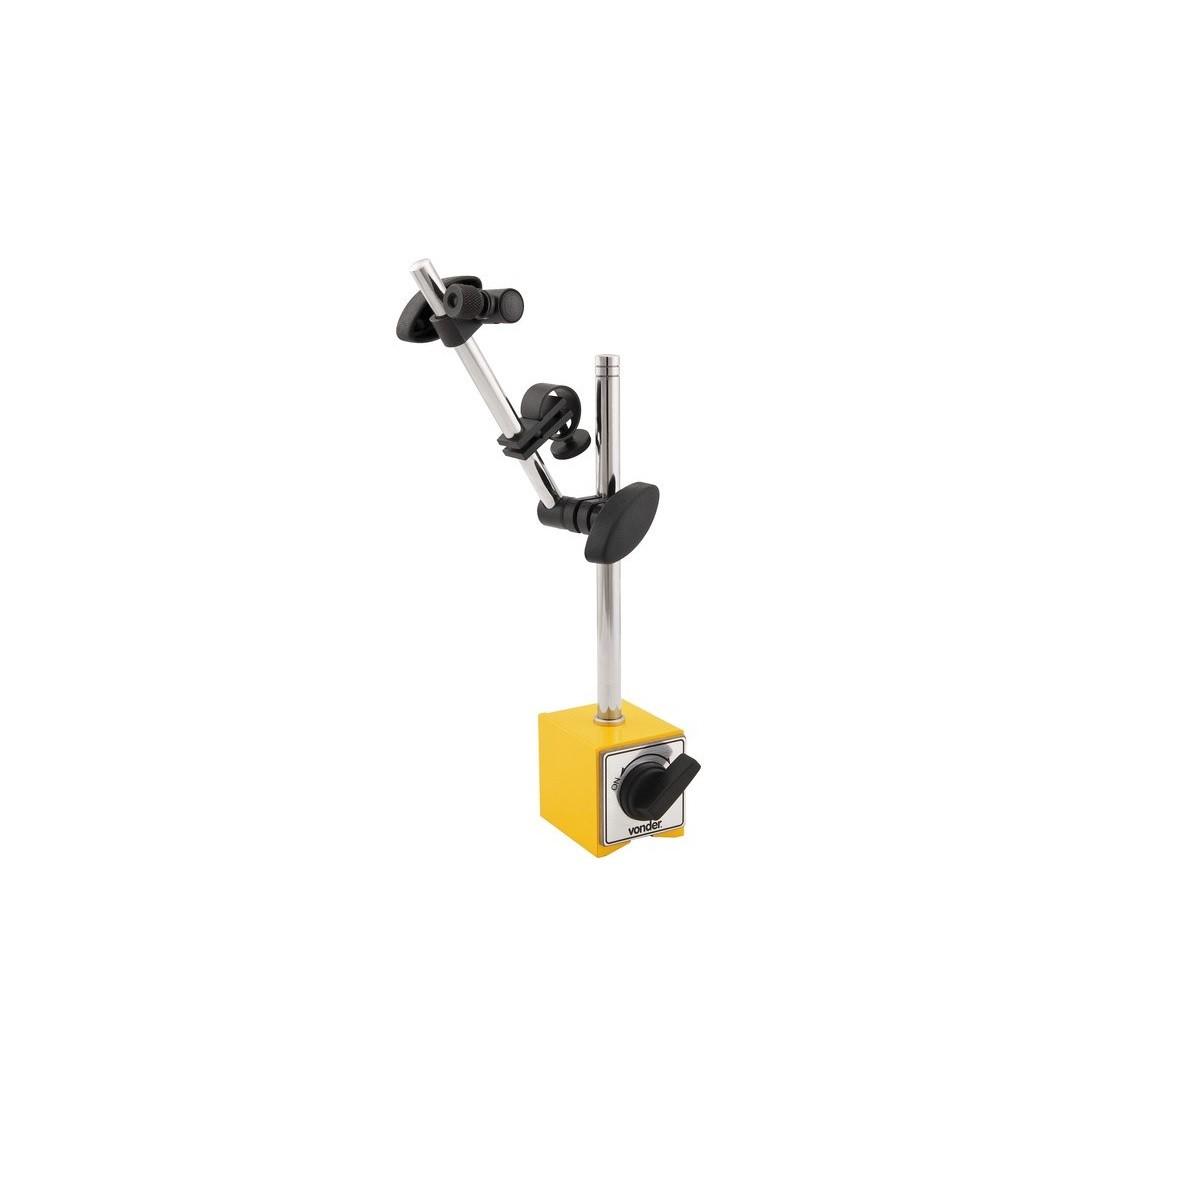 Suporte magnético SM 061 VONDER